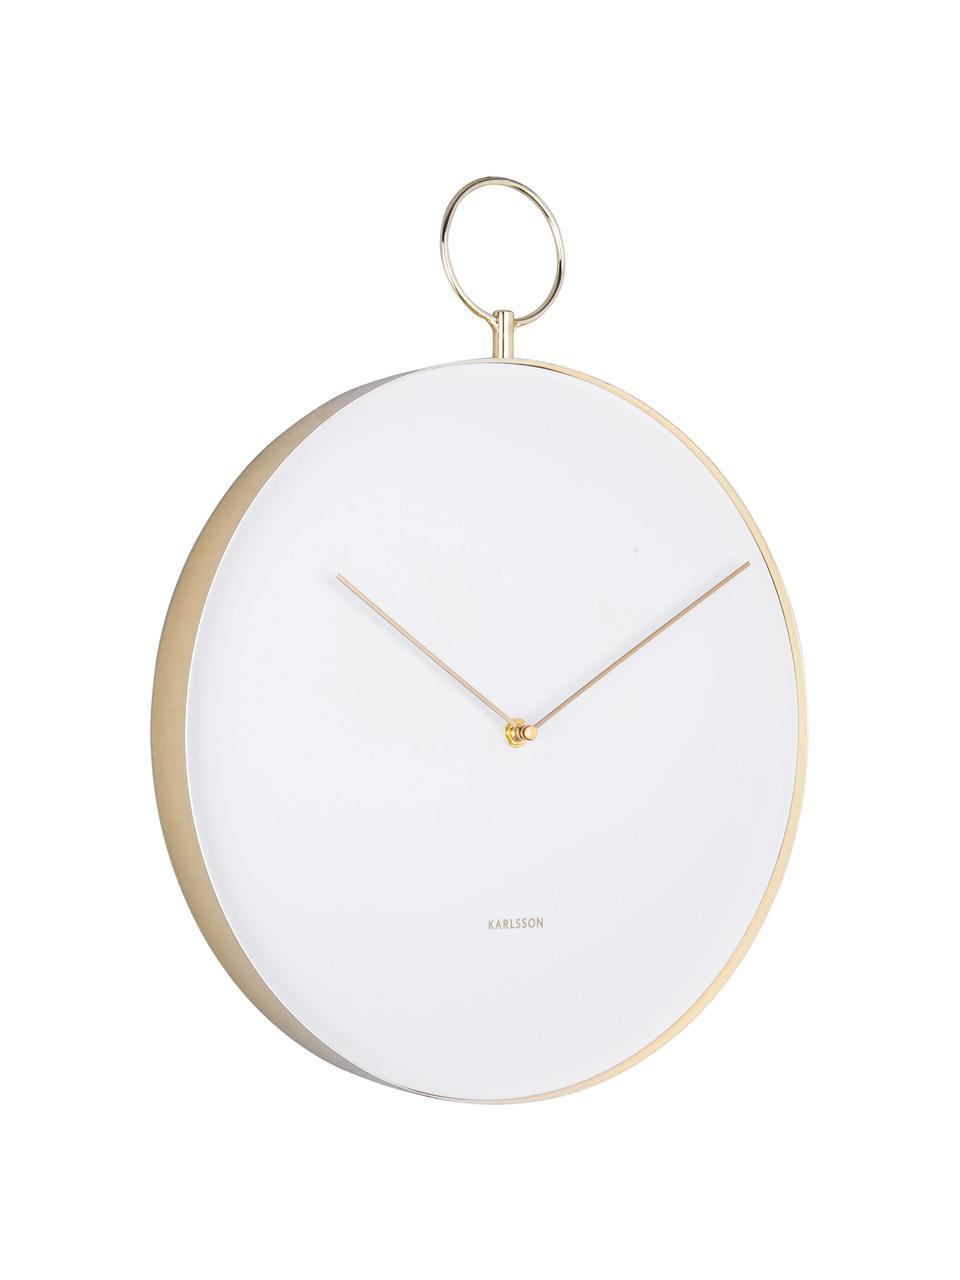 Orologio da parete Hook, Metallo rivestito, Bianco, ottonato, Ø 34 cm